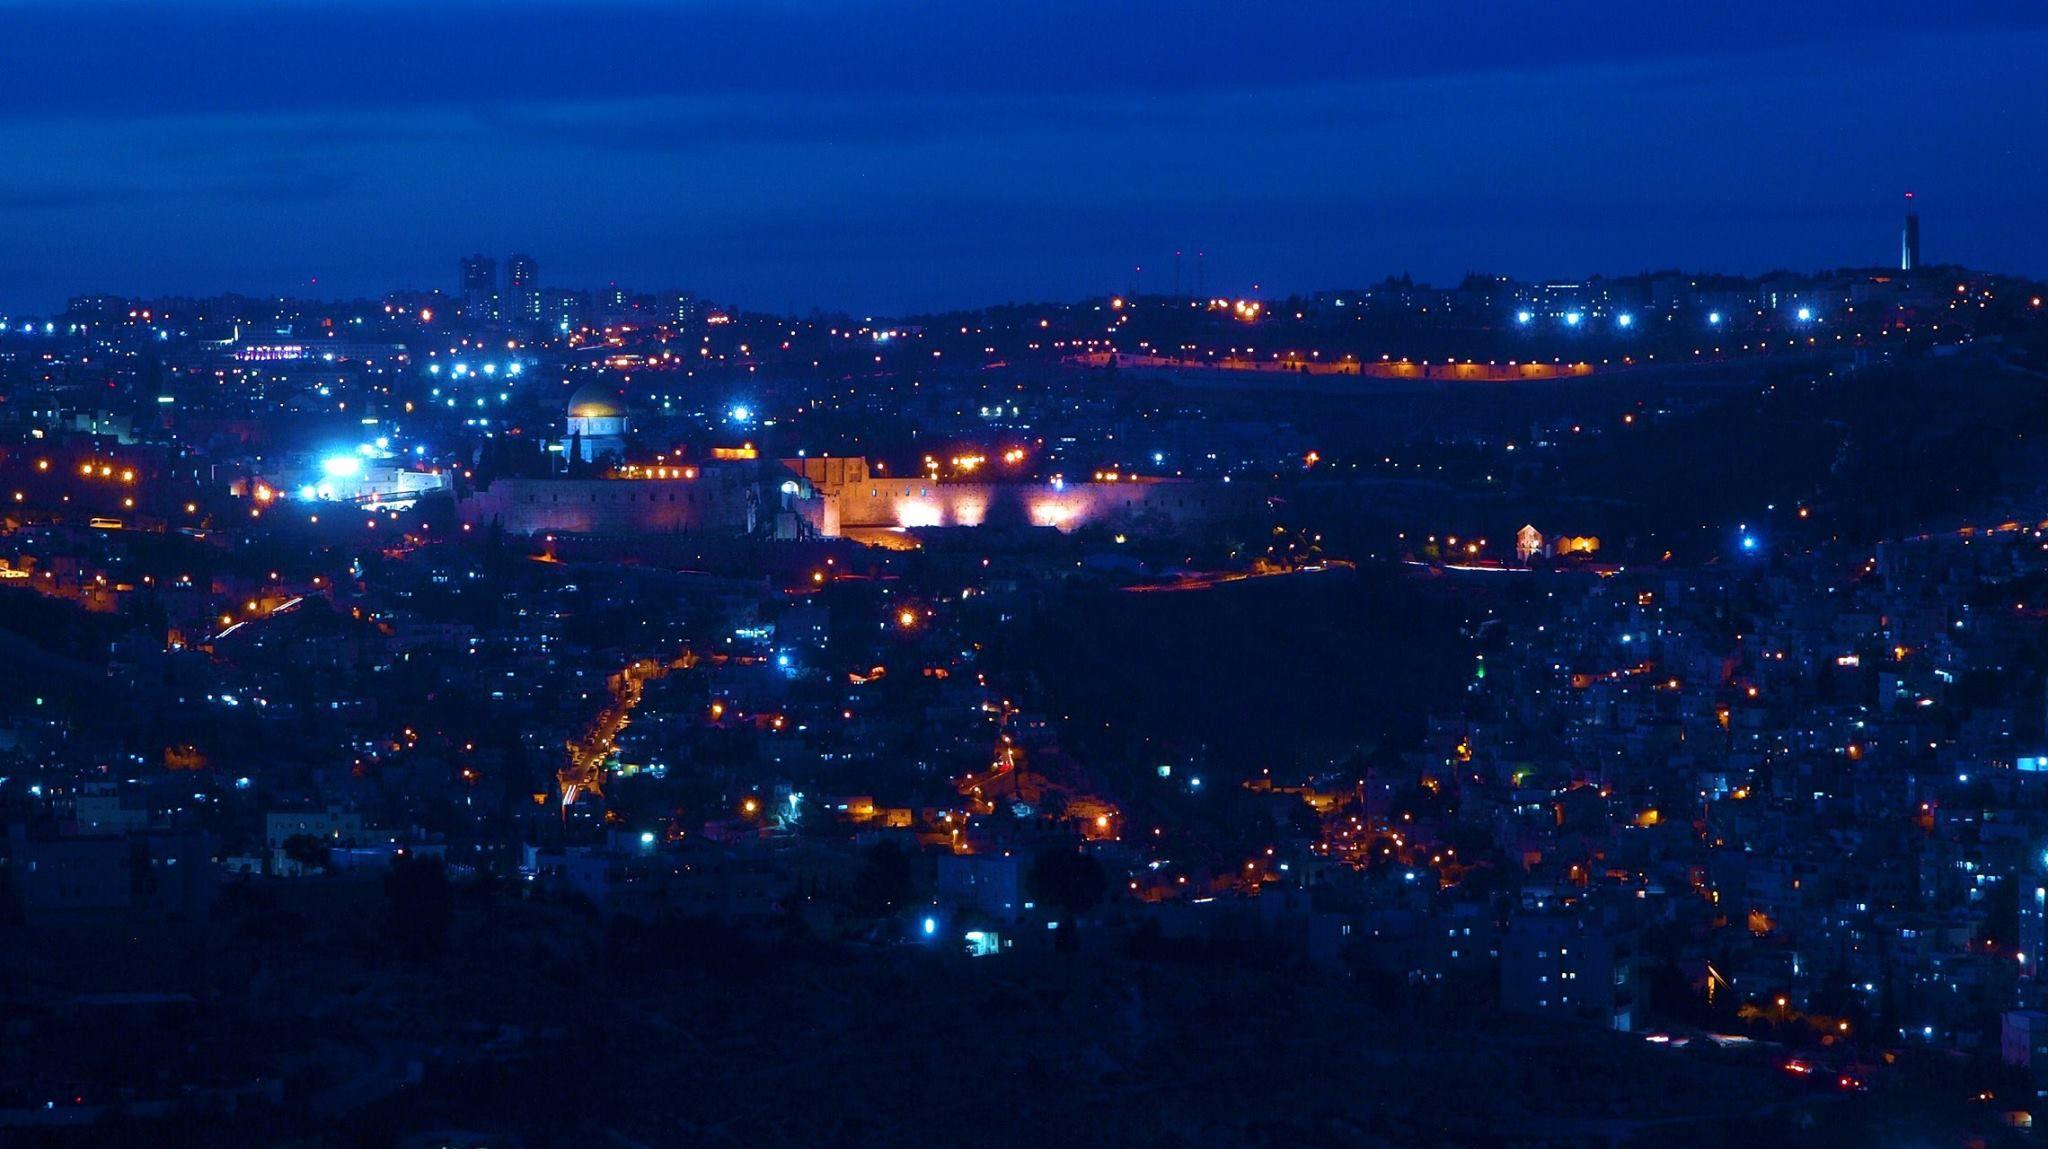 La bellezza della notte  #Gerusalemme #oltreogniaspettativa